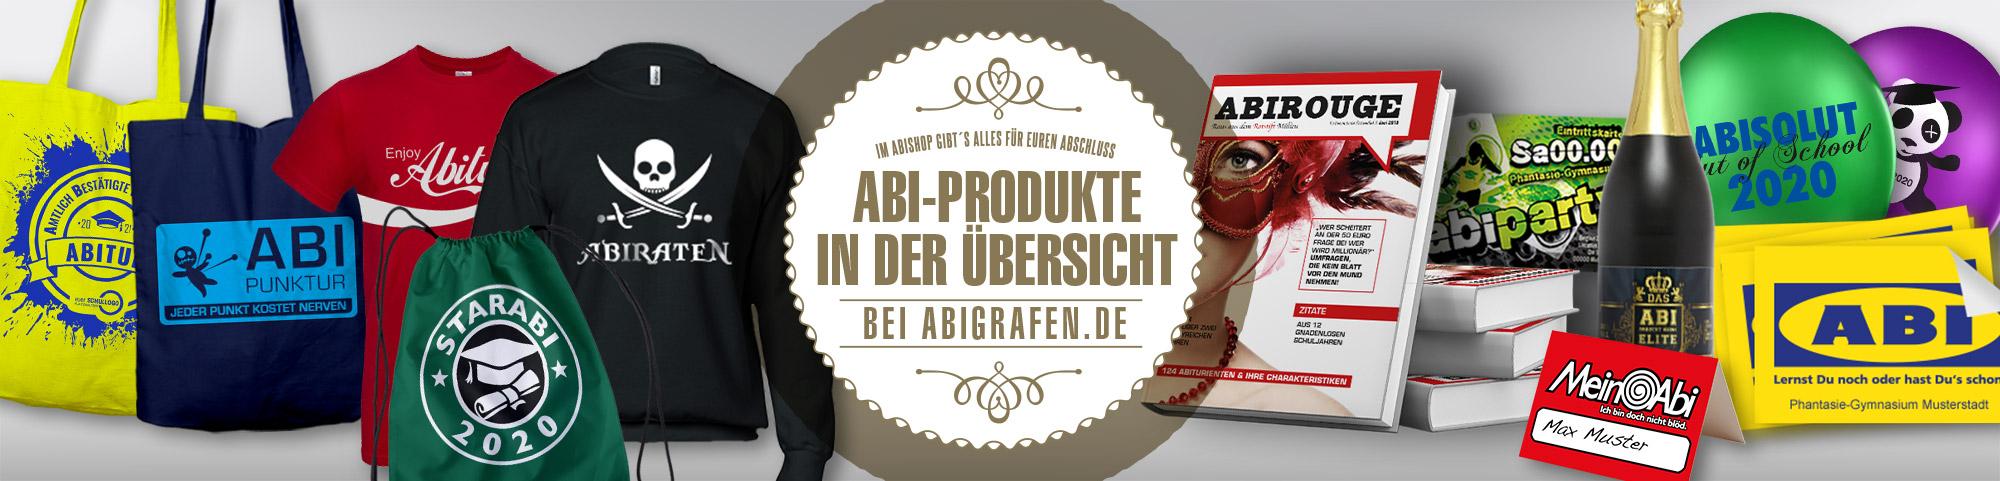 Abishop mit Drucksachen für Abiturienten und Abschlussklassen: alle Abi Produkte in der Übersicht